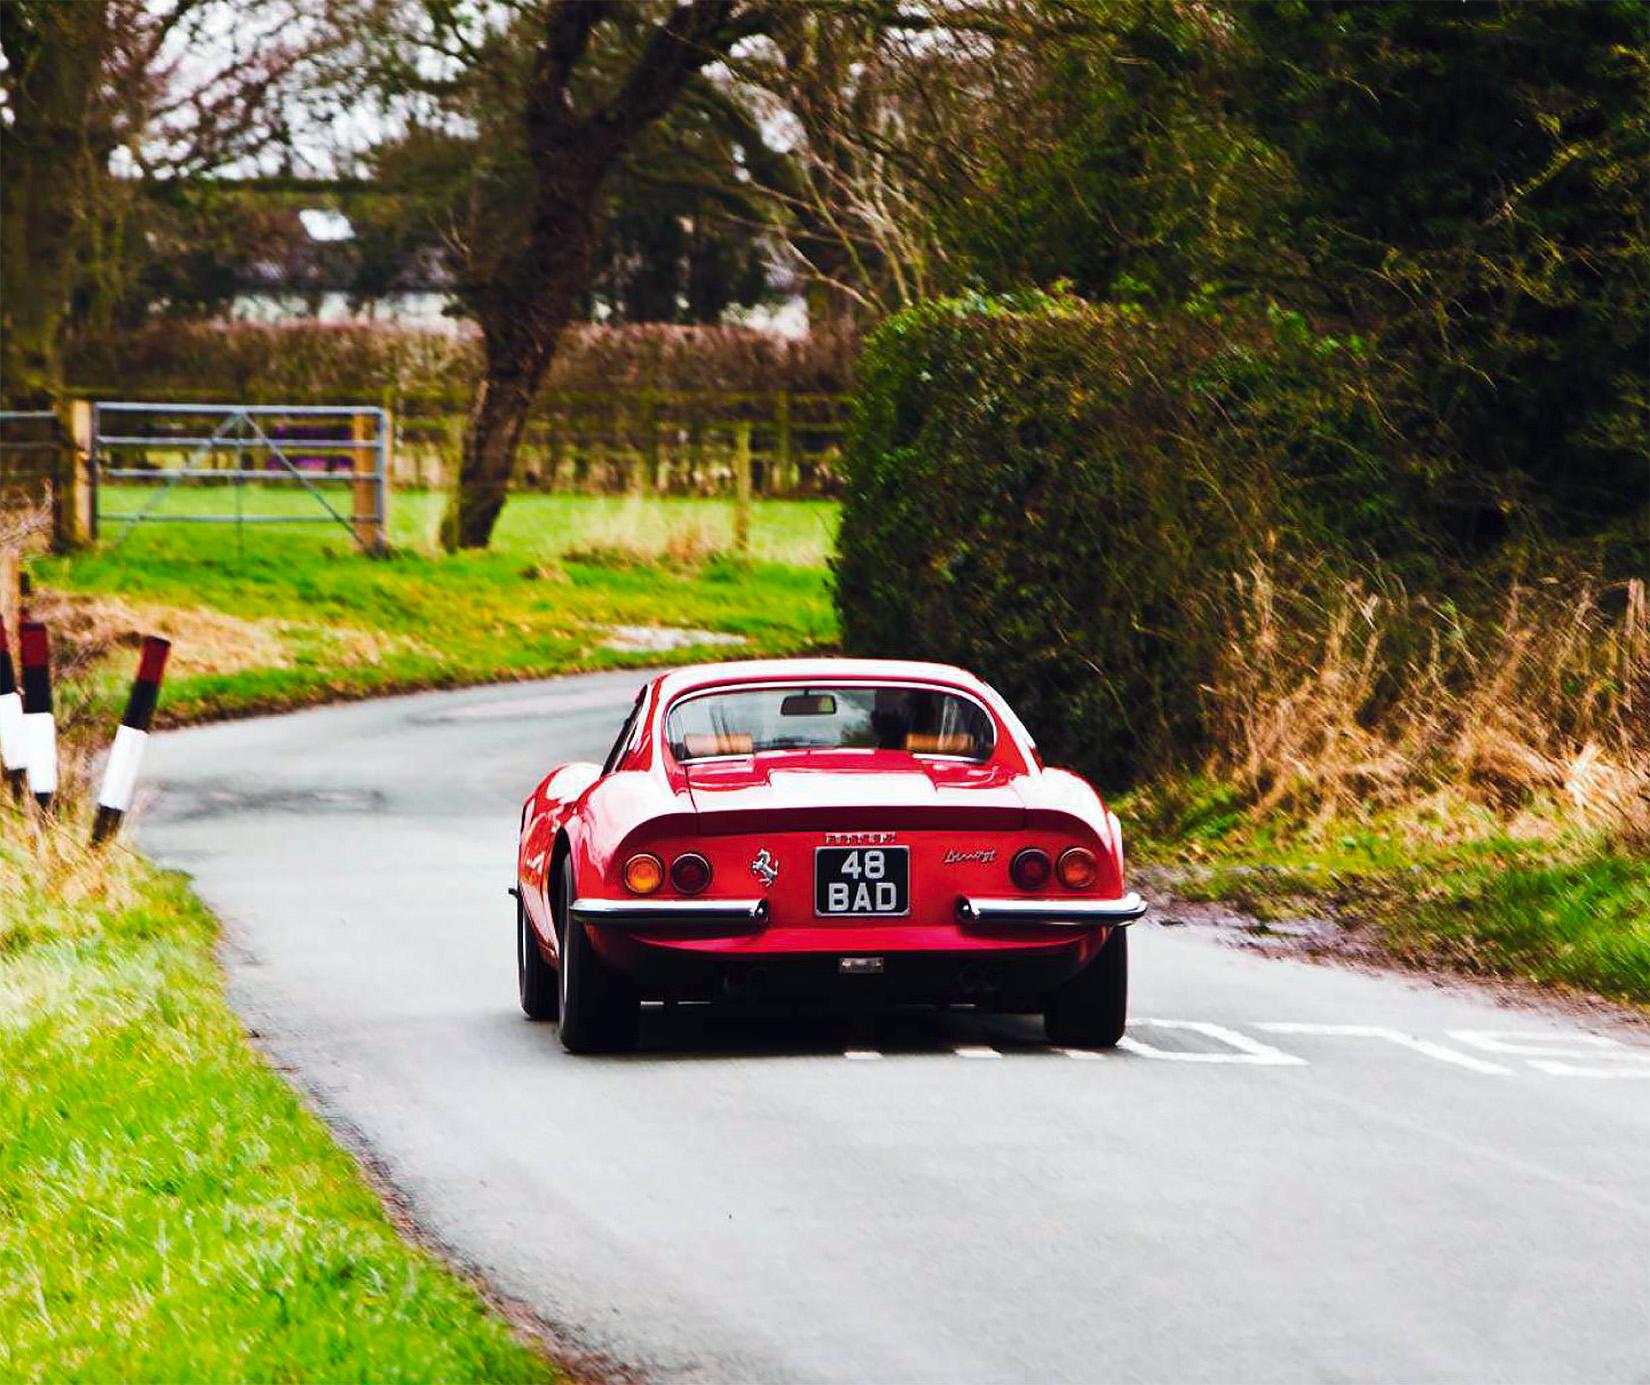 Ferrari Dino 246 GT - Drive on porsche macan, porsche replica cars, porsche women, porsche cabrio, porsche race girl, porsche art, porsche panamera, porsche gtp, porsche front, porsche cayenne, porsche gt4, porsche cayman, porsche calendar girls, porsche hd, porsche hatchback, porsche boxster, porsche future models, porsche electric car, porsche gt,